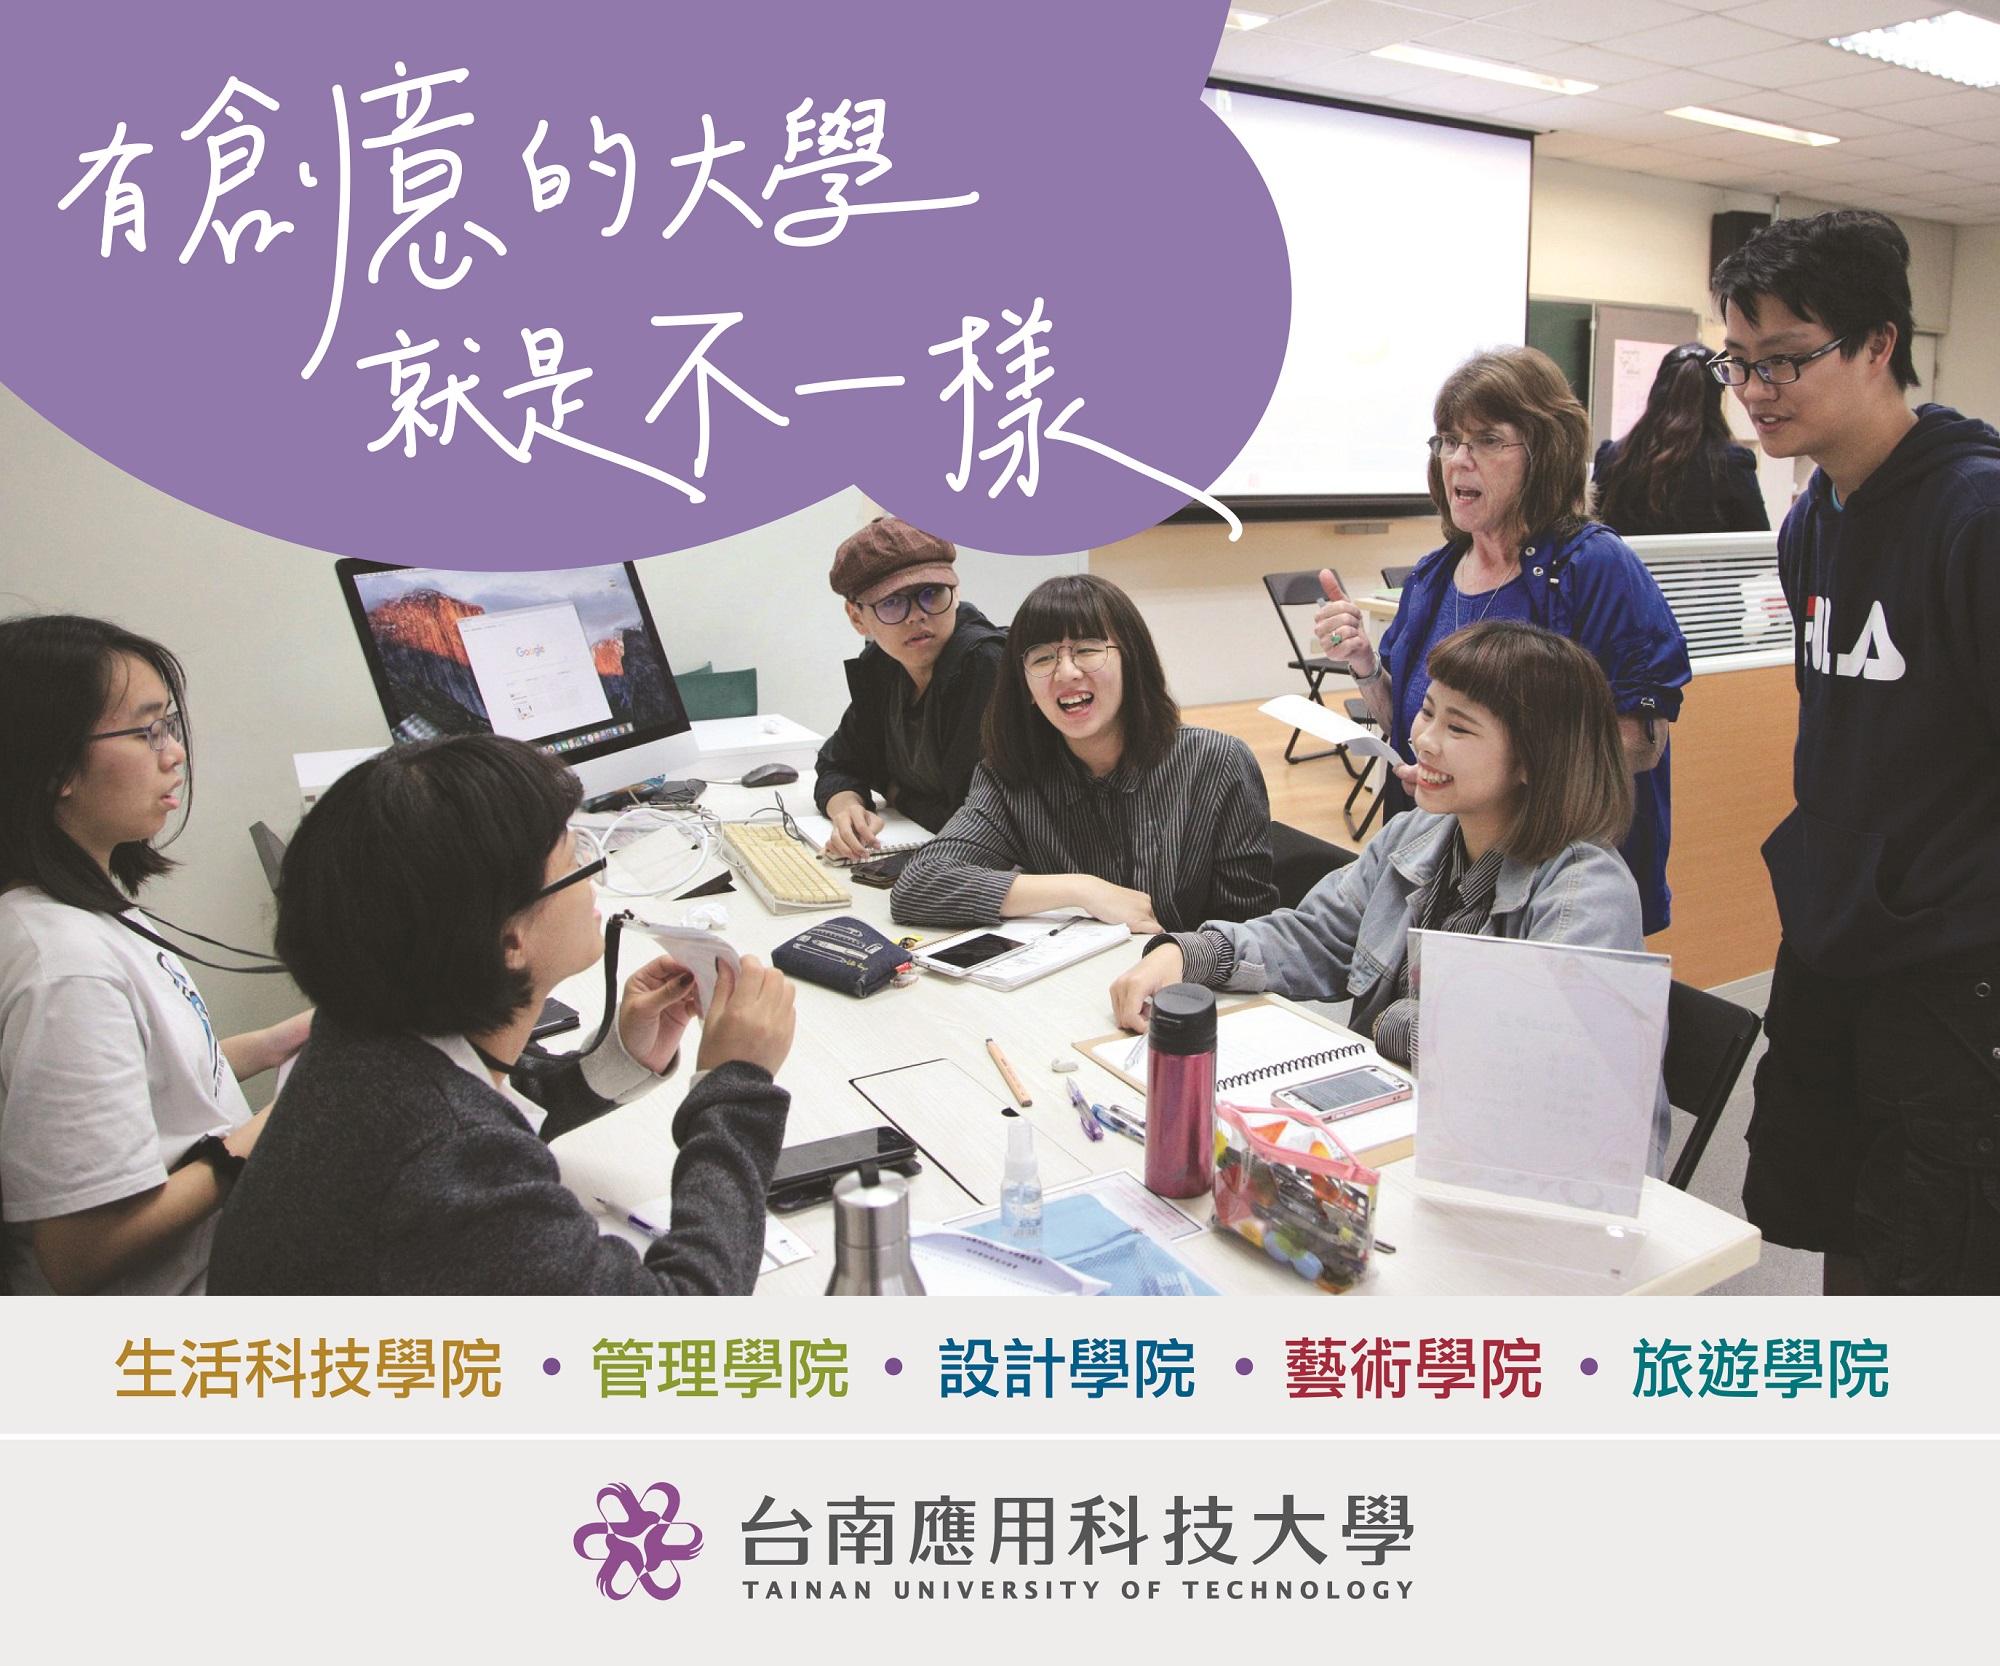 台南應用科技大學/師生創意迸火花   國際競賽頻獲獎-升大學指南